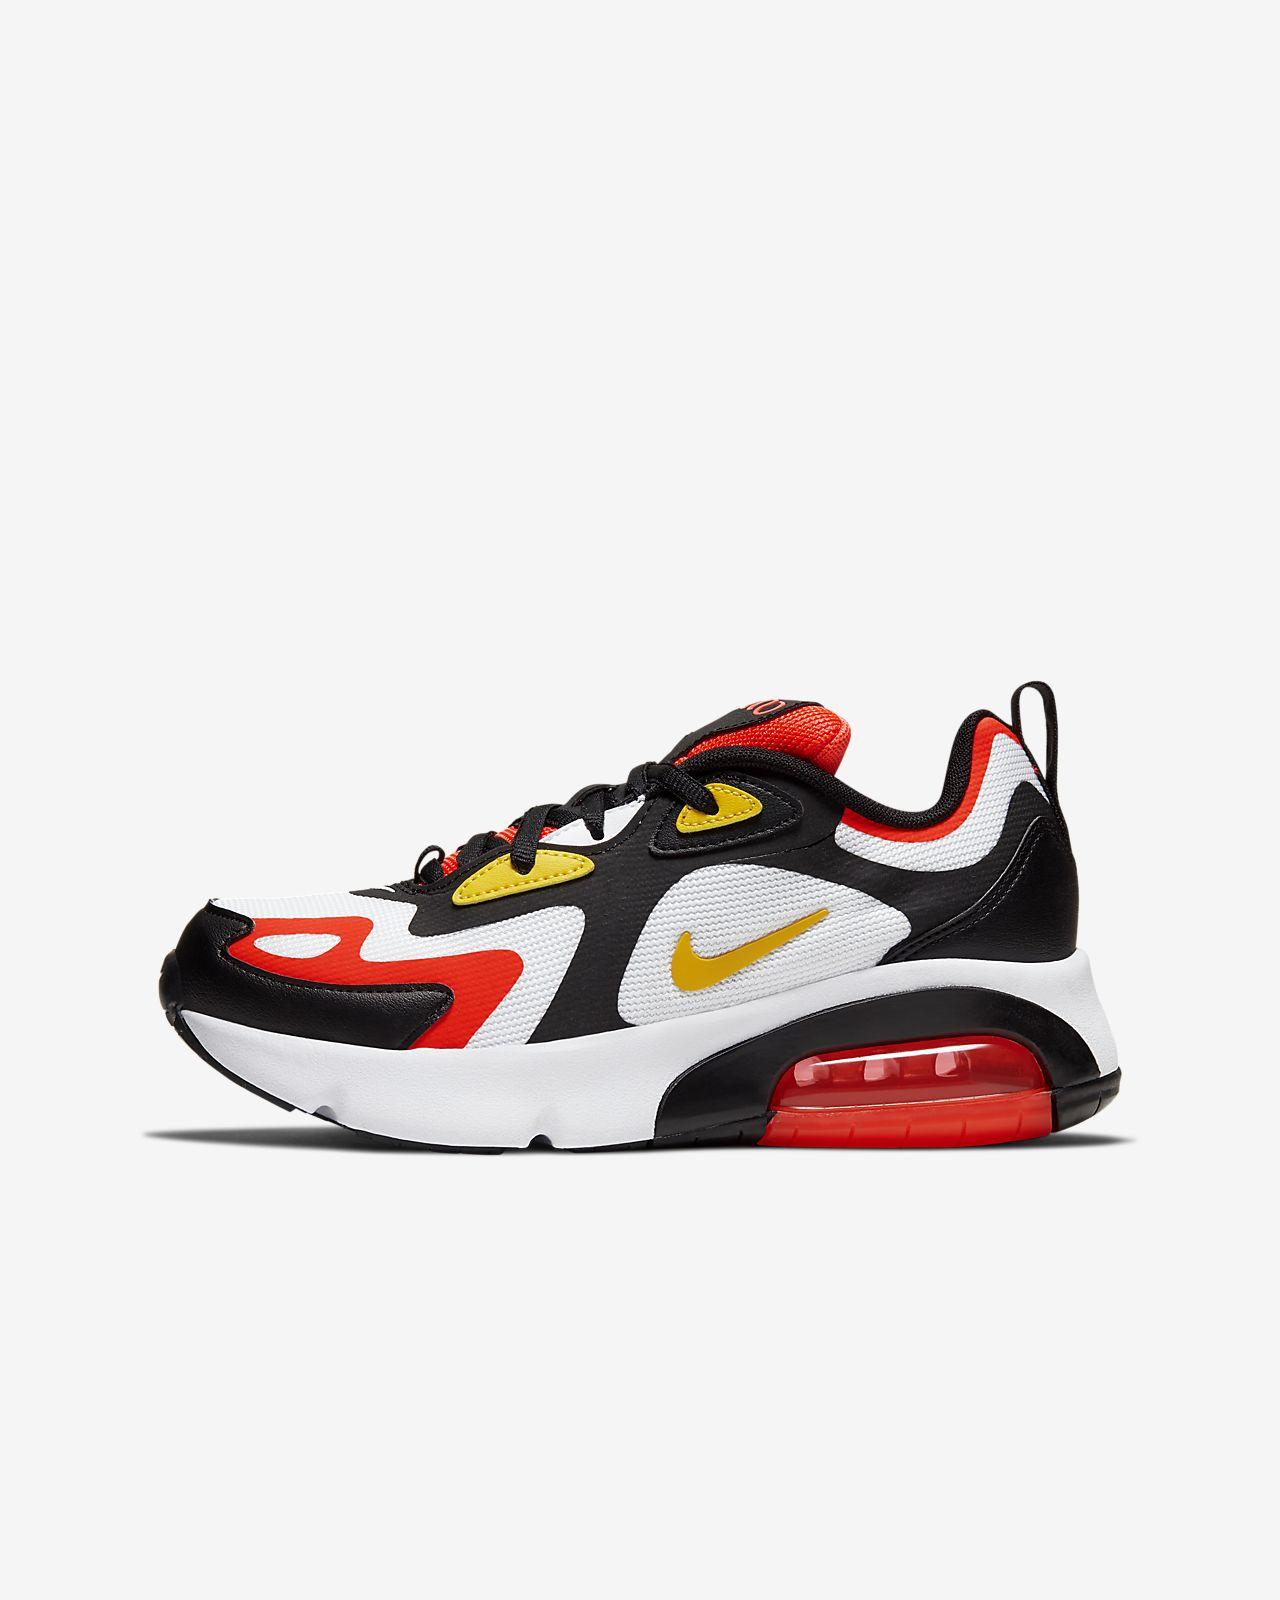 Finde Deine Air Max Schuhe im Shop. Nike CH